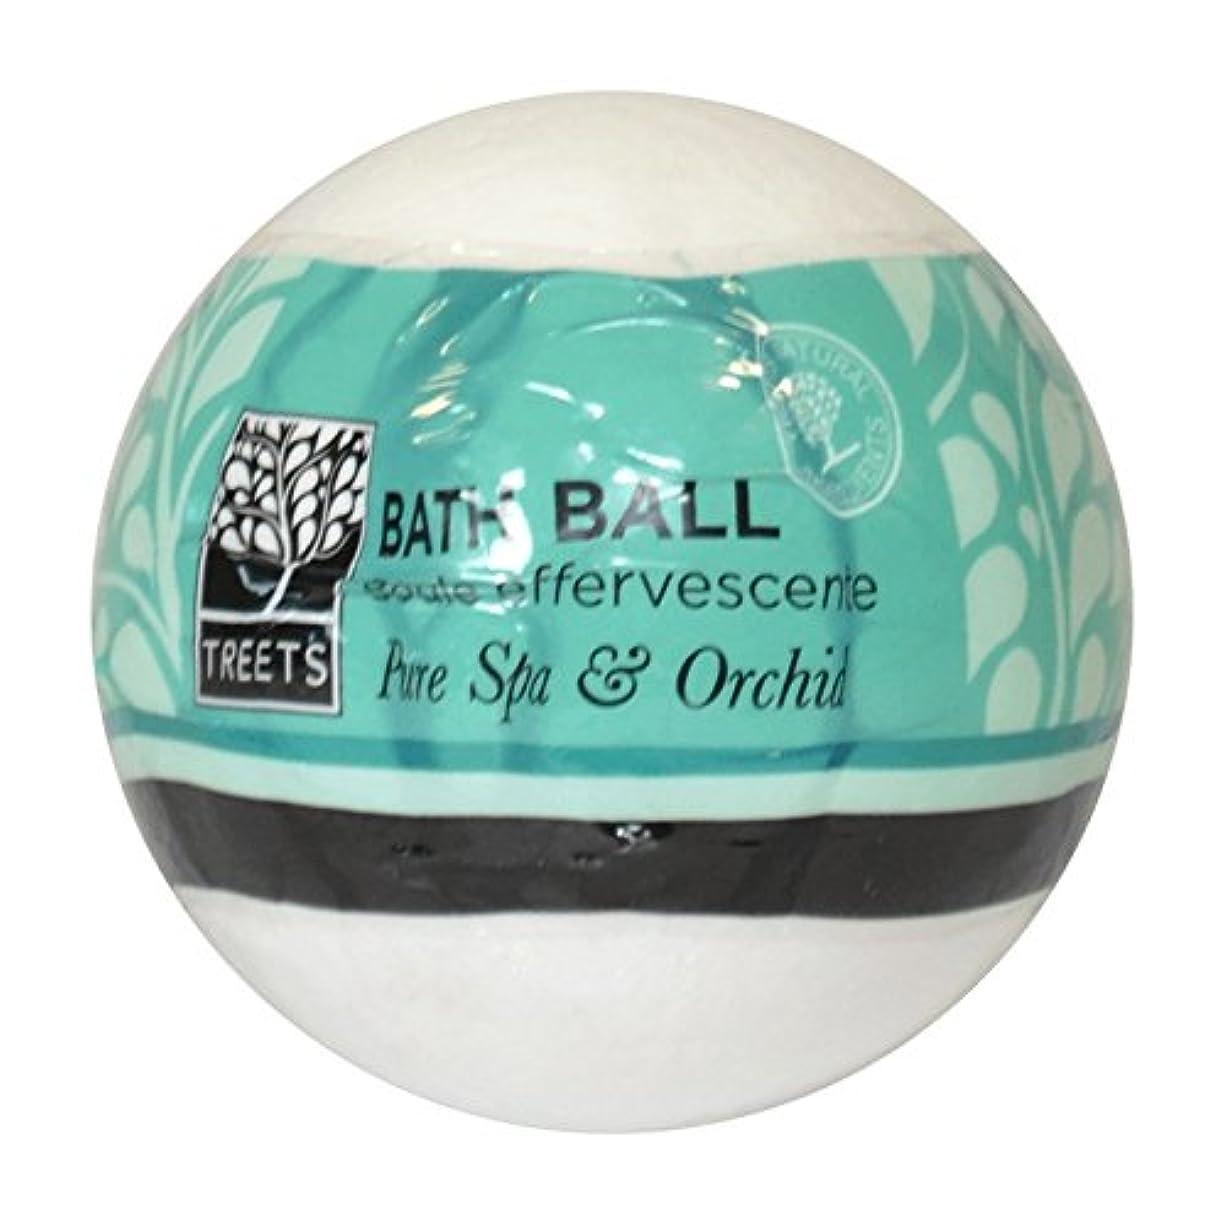 前任者机ピンポイントTreets Orchid & Pure Spa Bath Ball (Pack of 6) - Treets蘭&純粋なスパバスボール (x6) [並行輸入品]